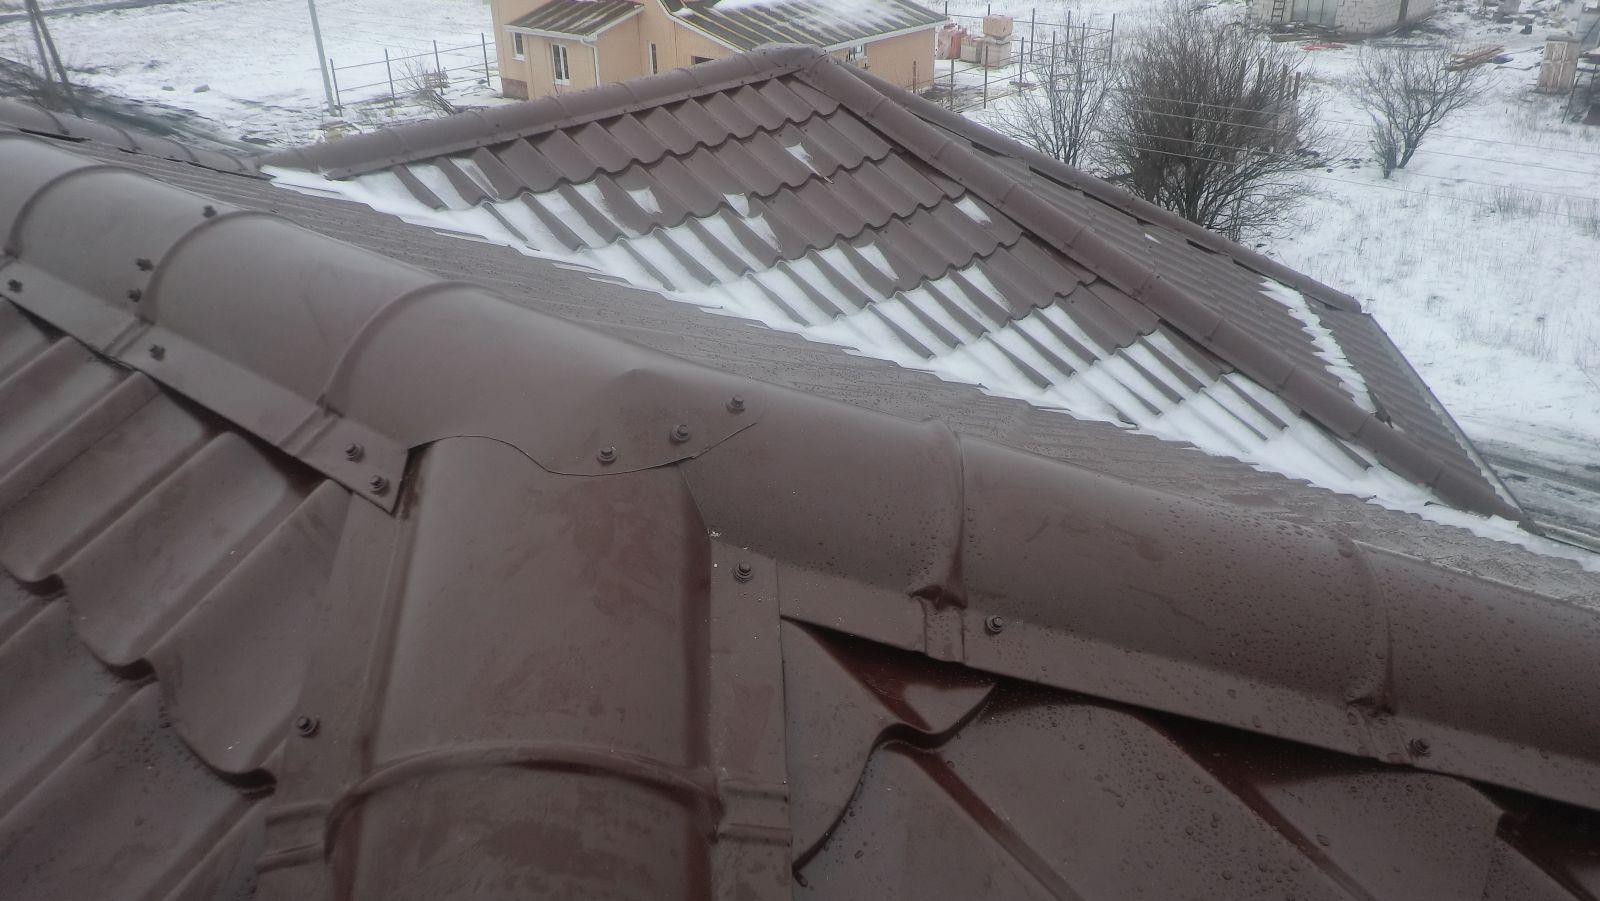 Как крепить оцинкованный конёк на шиферную крышу? - ответы 21